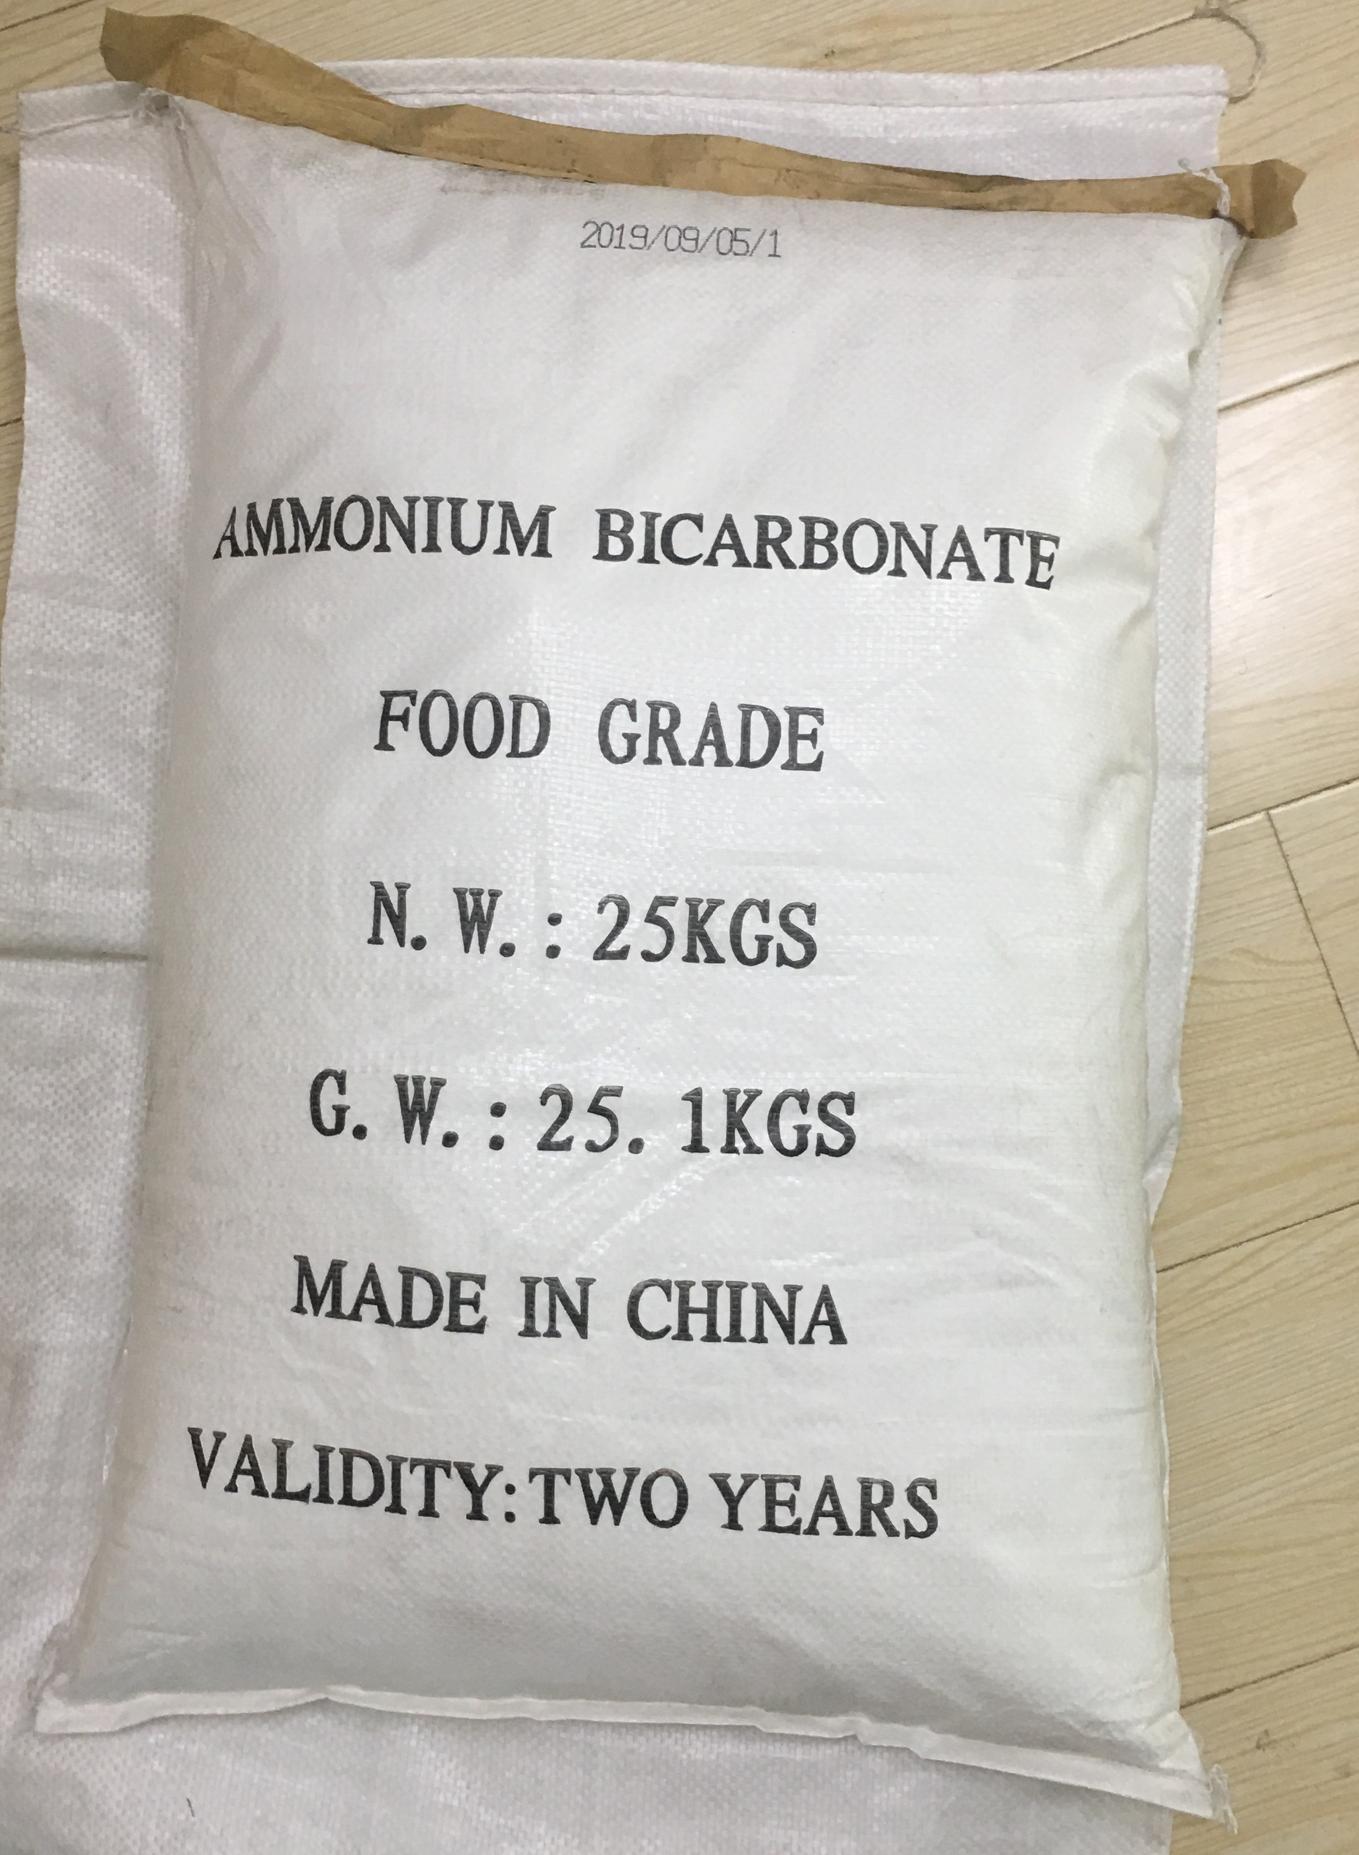 Ammonium Bicarbonate Food Grade 4